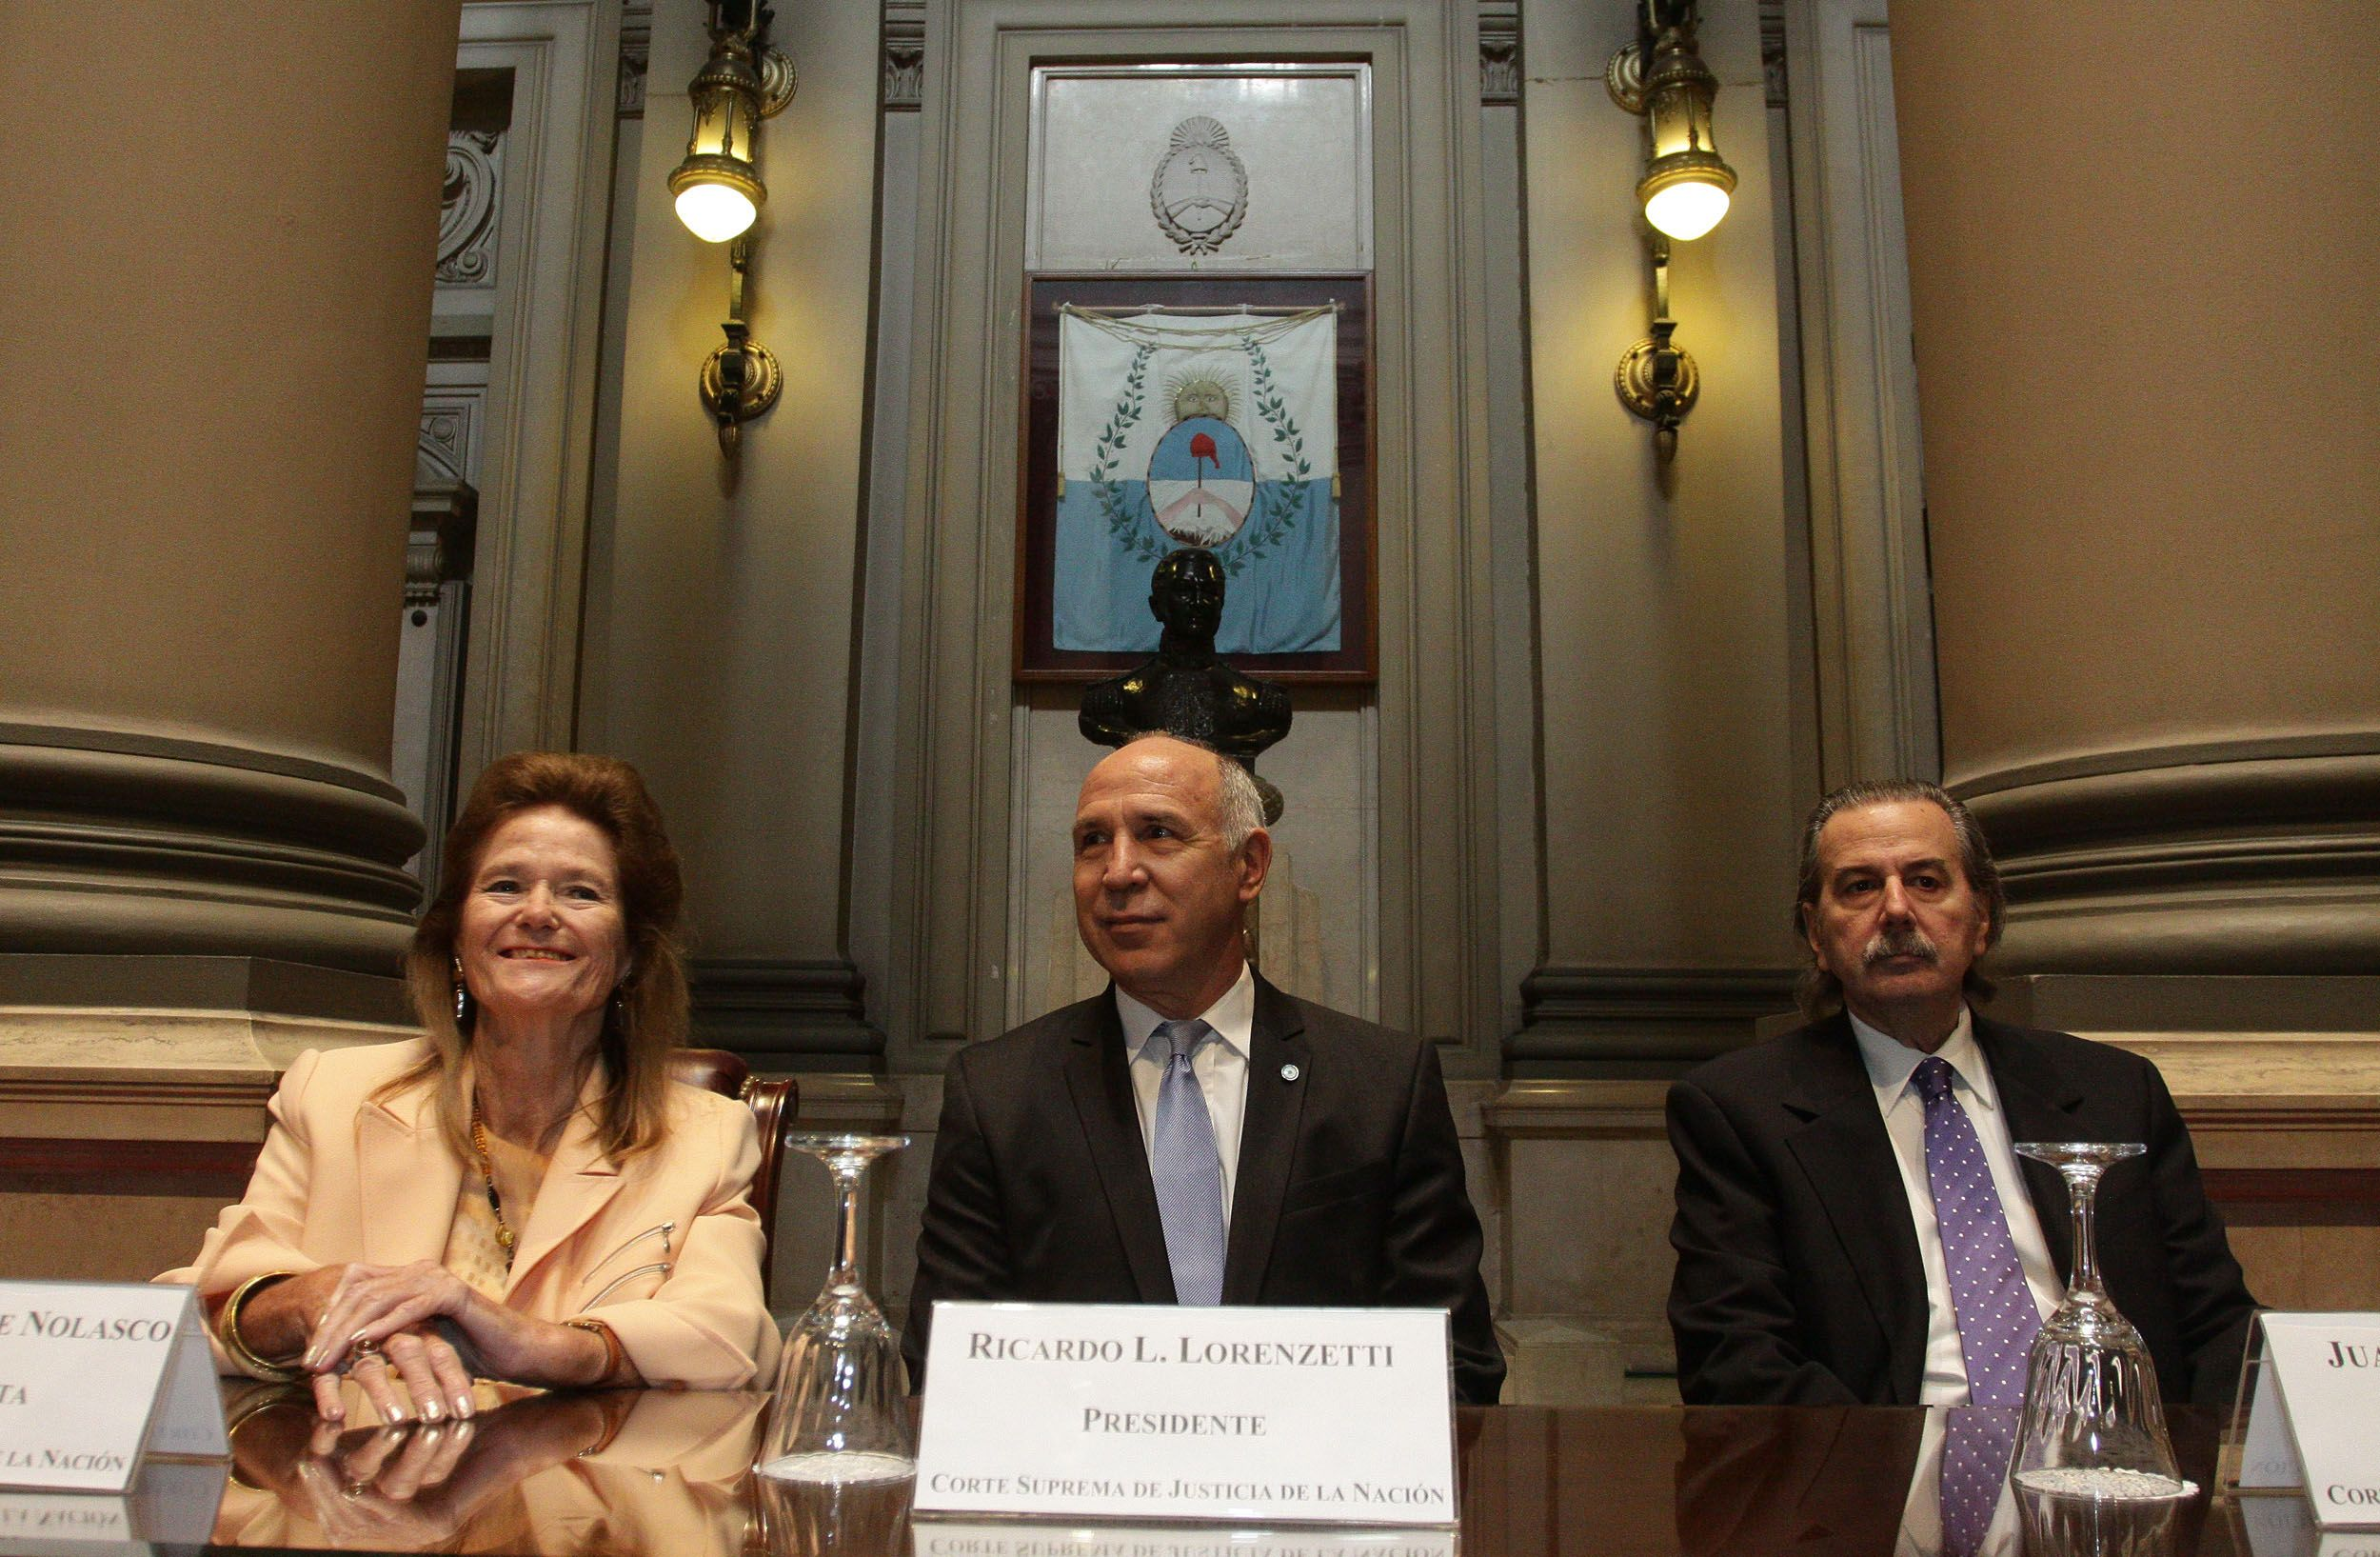 Lorenzetti llamó a combatir la narco criminalidad, la corrupción y la impunidad